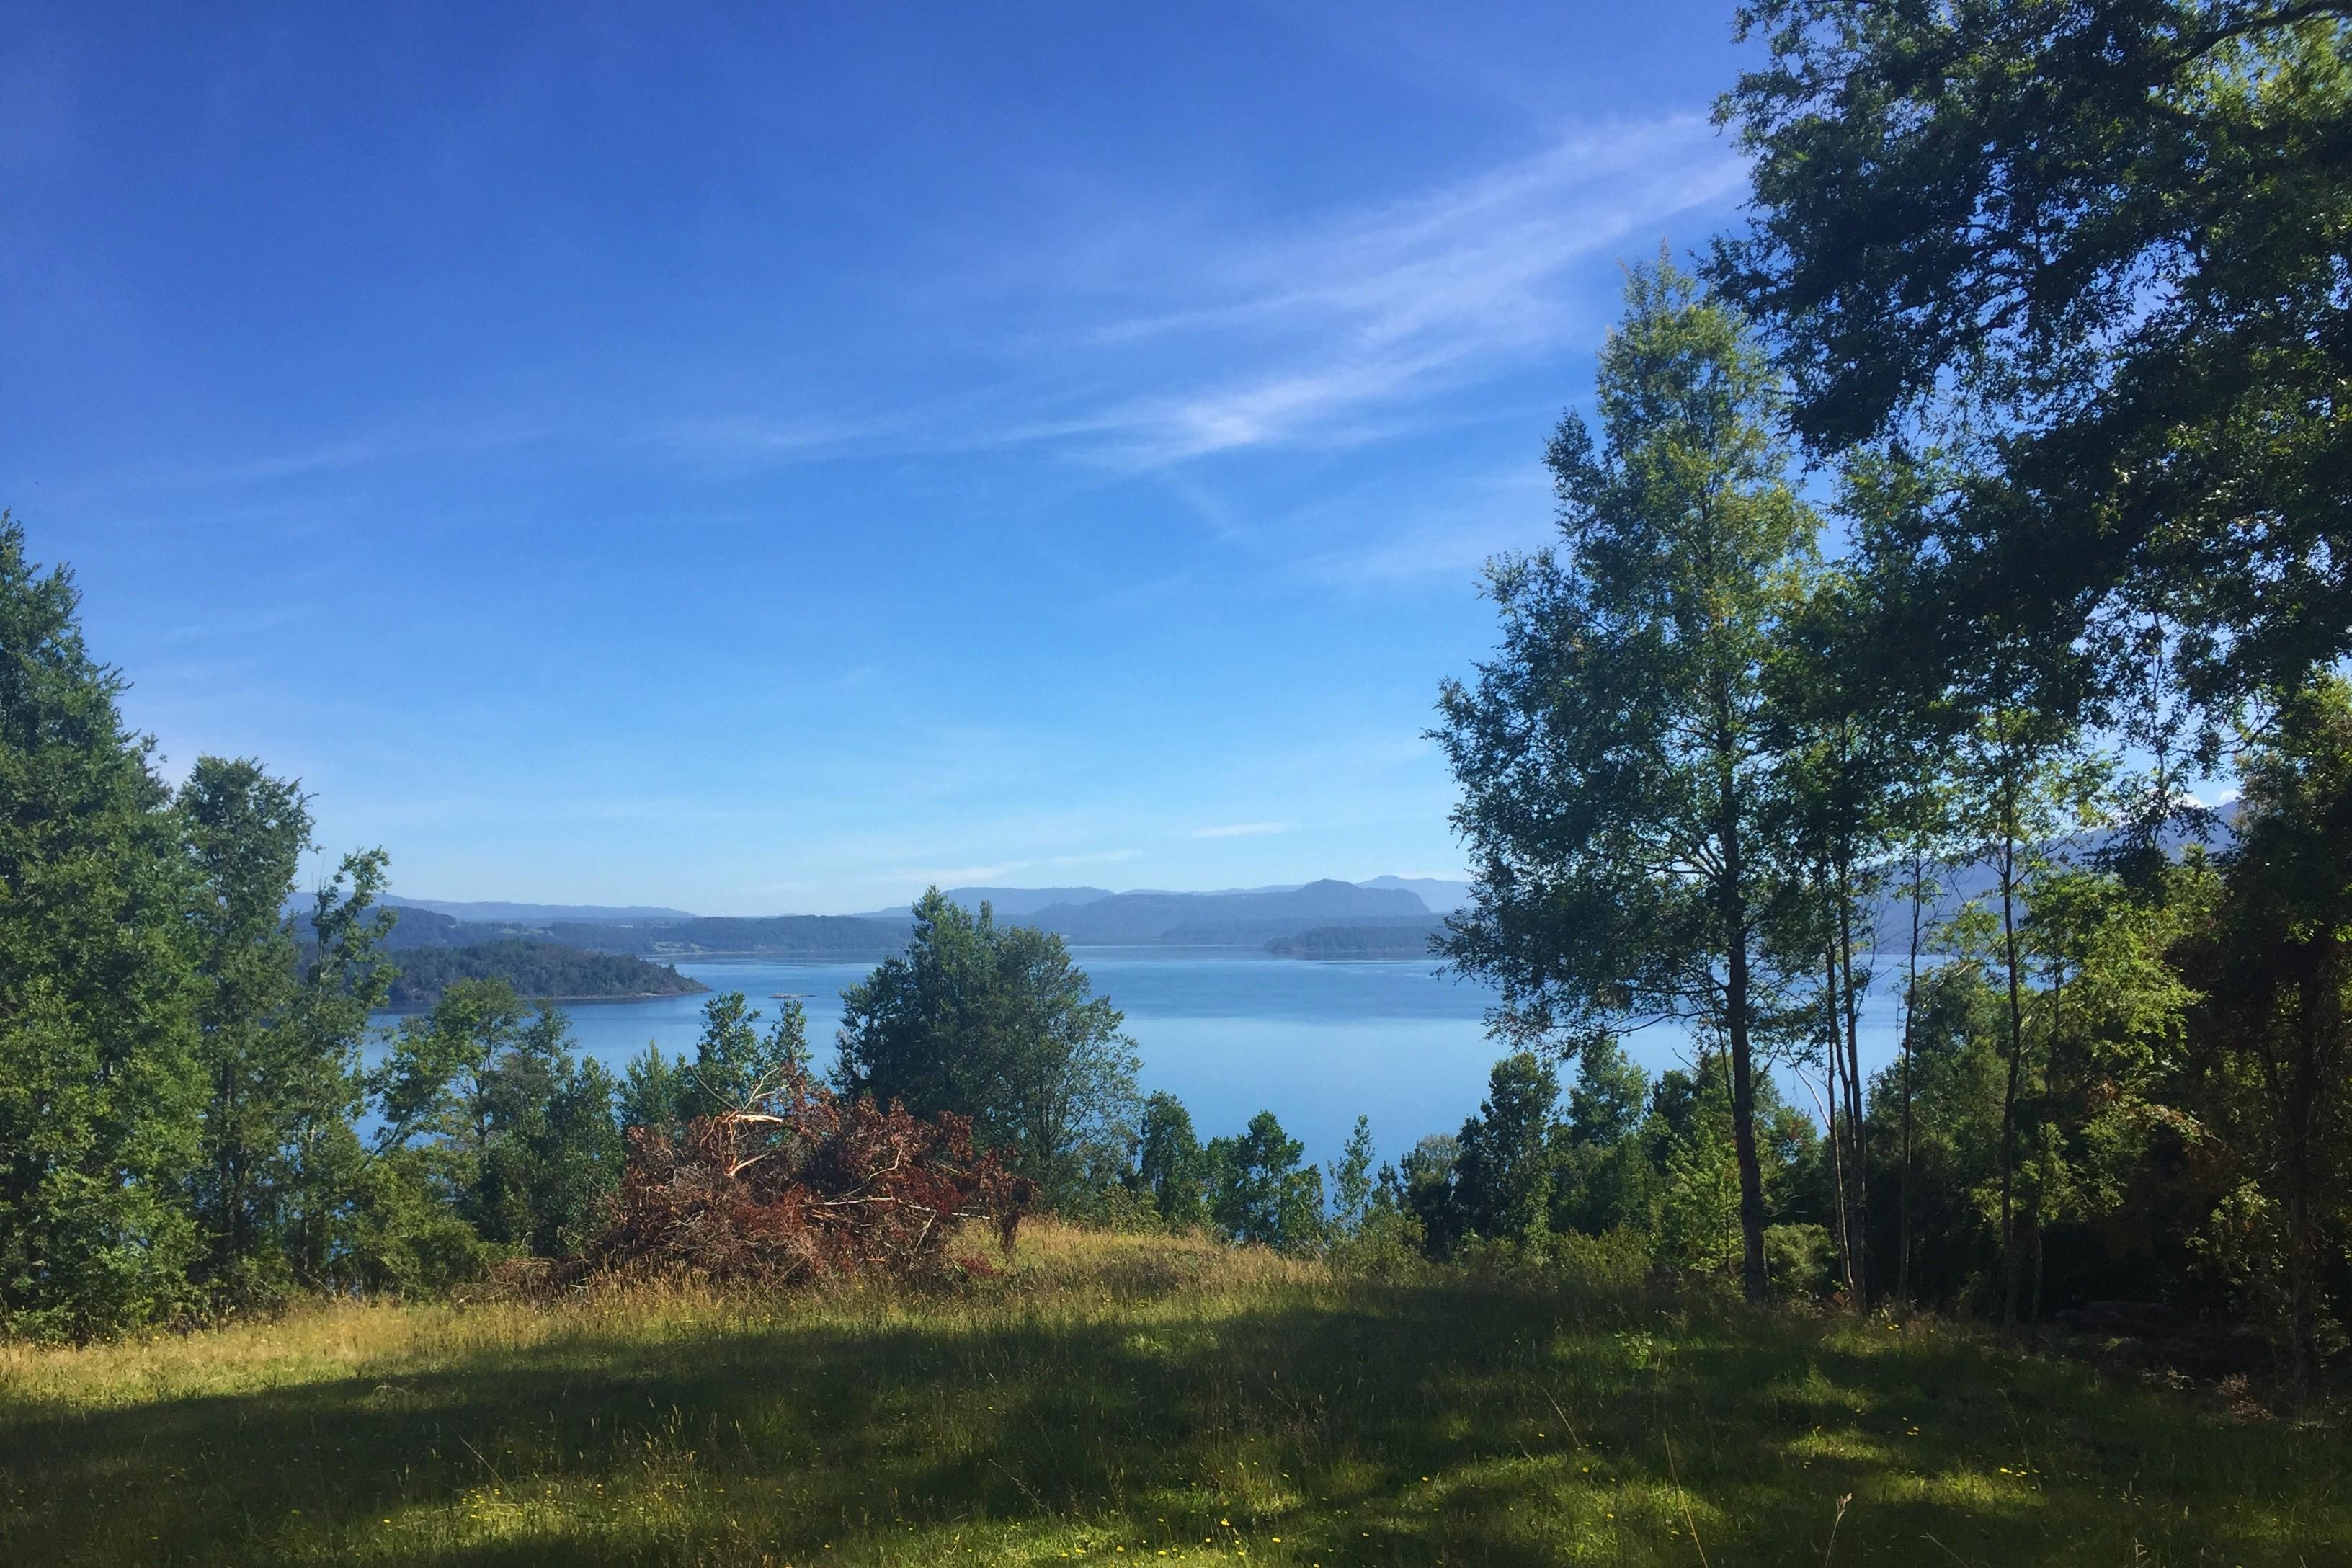 Nông trại / Trang trại / Vườn vì Bán tại Chilean Landscape Beauty Lago Panguipulli Valdivia, Valdivia, Chi-Lê